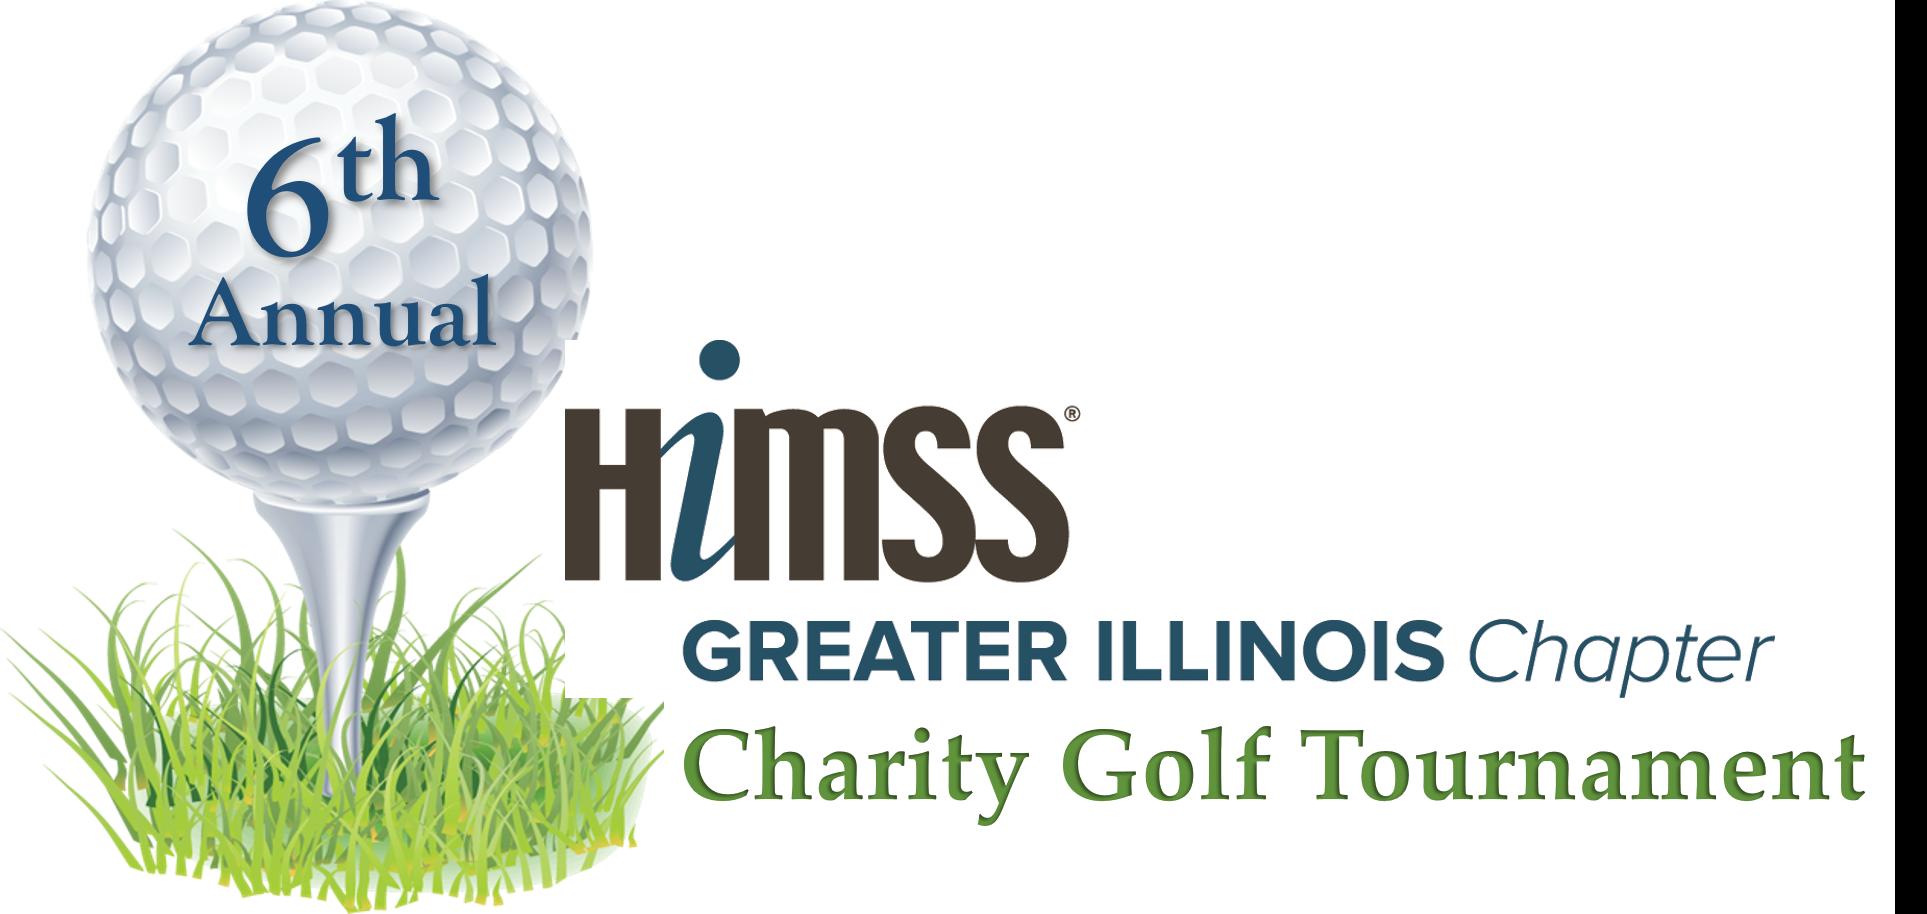 GIC HIMSS 6th Annual Charity Golf Tournament logo